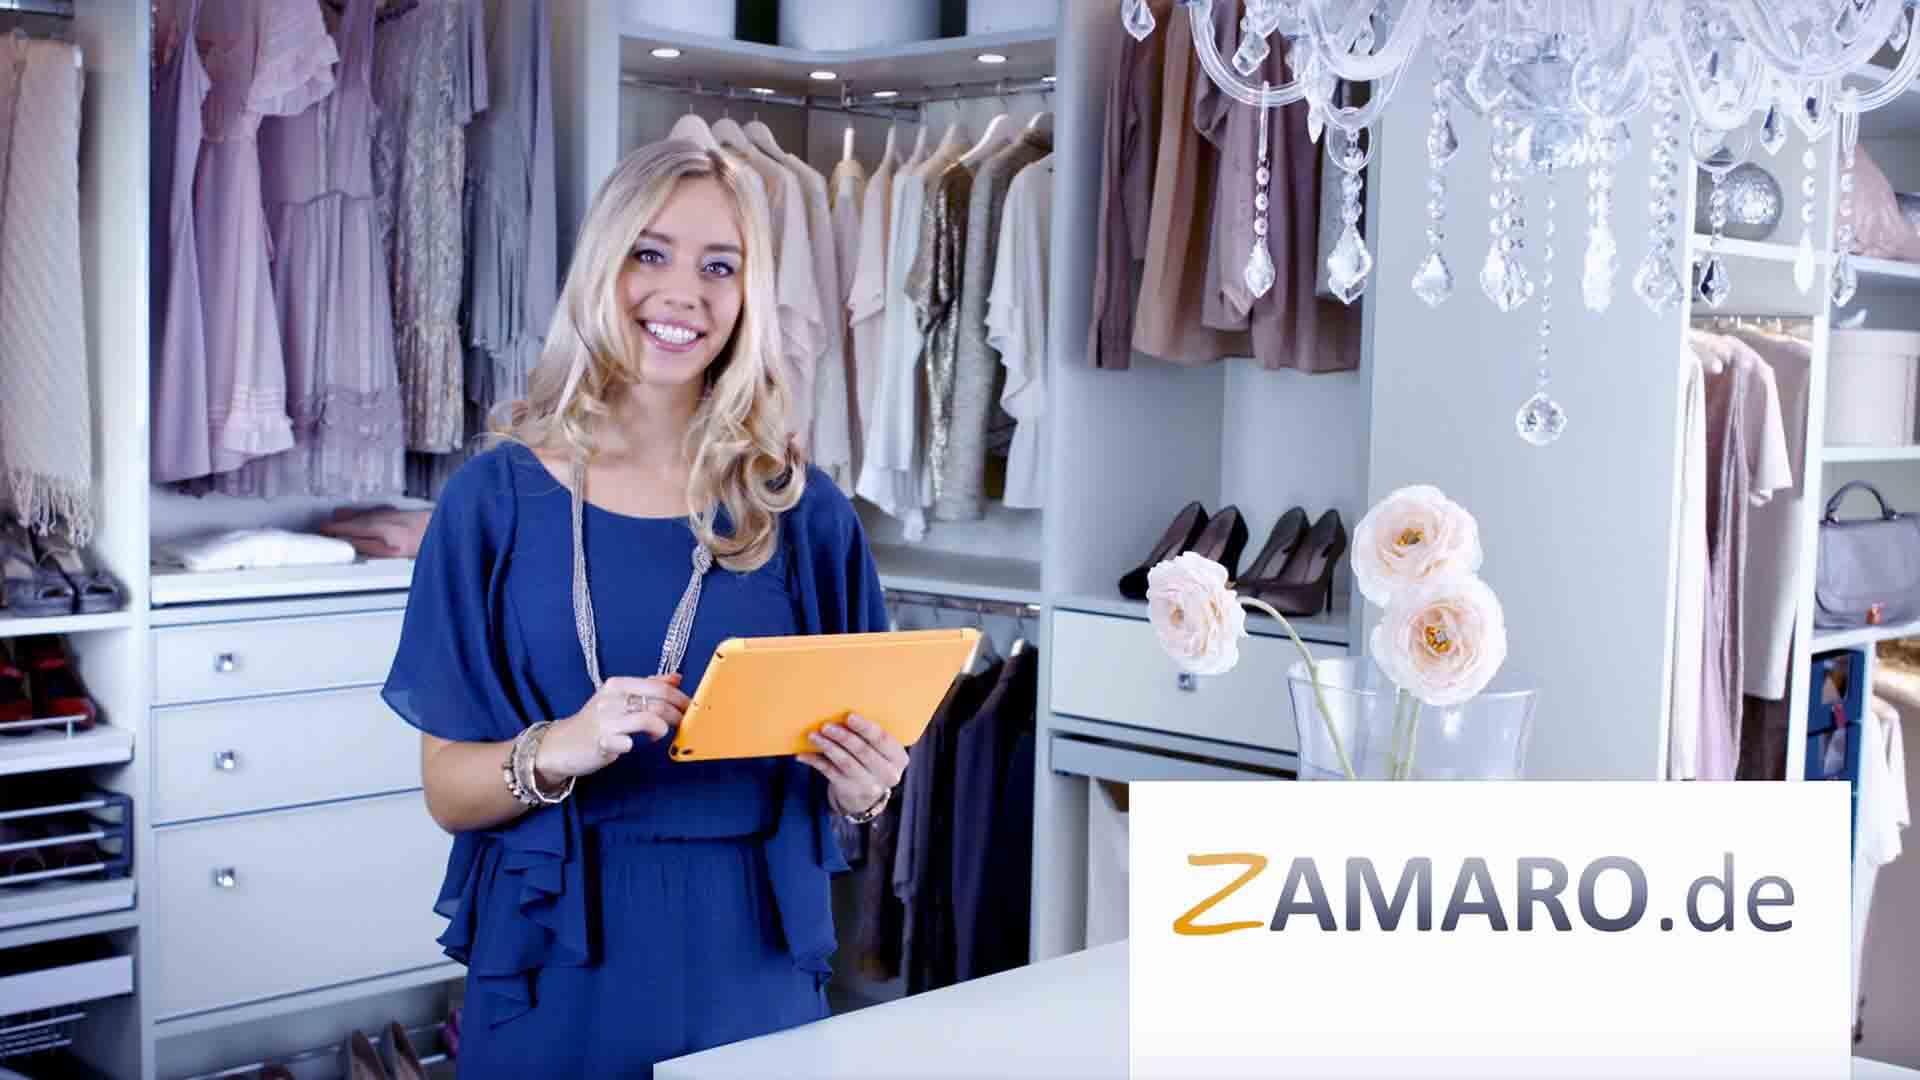 Das Bild zeigt eine Frau, die in einem Kleiderschranks steht. Sie trägt ein blaues Kleid mit Kette. Sie ist blond und lacht. In ihrer Hand hält sie ein gelbes Tablet. Das Bild dient als Sliderbild für den Portfolioeintrag Zamaro von Panda Pictures.